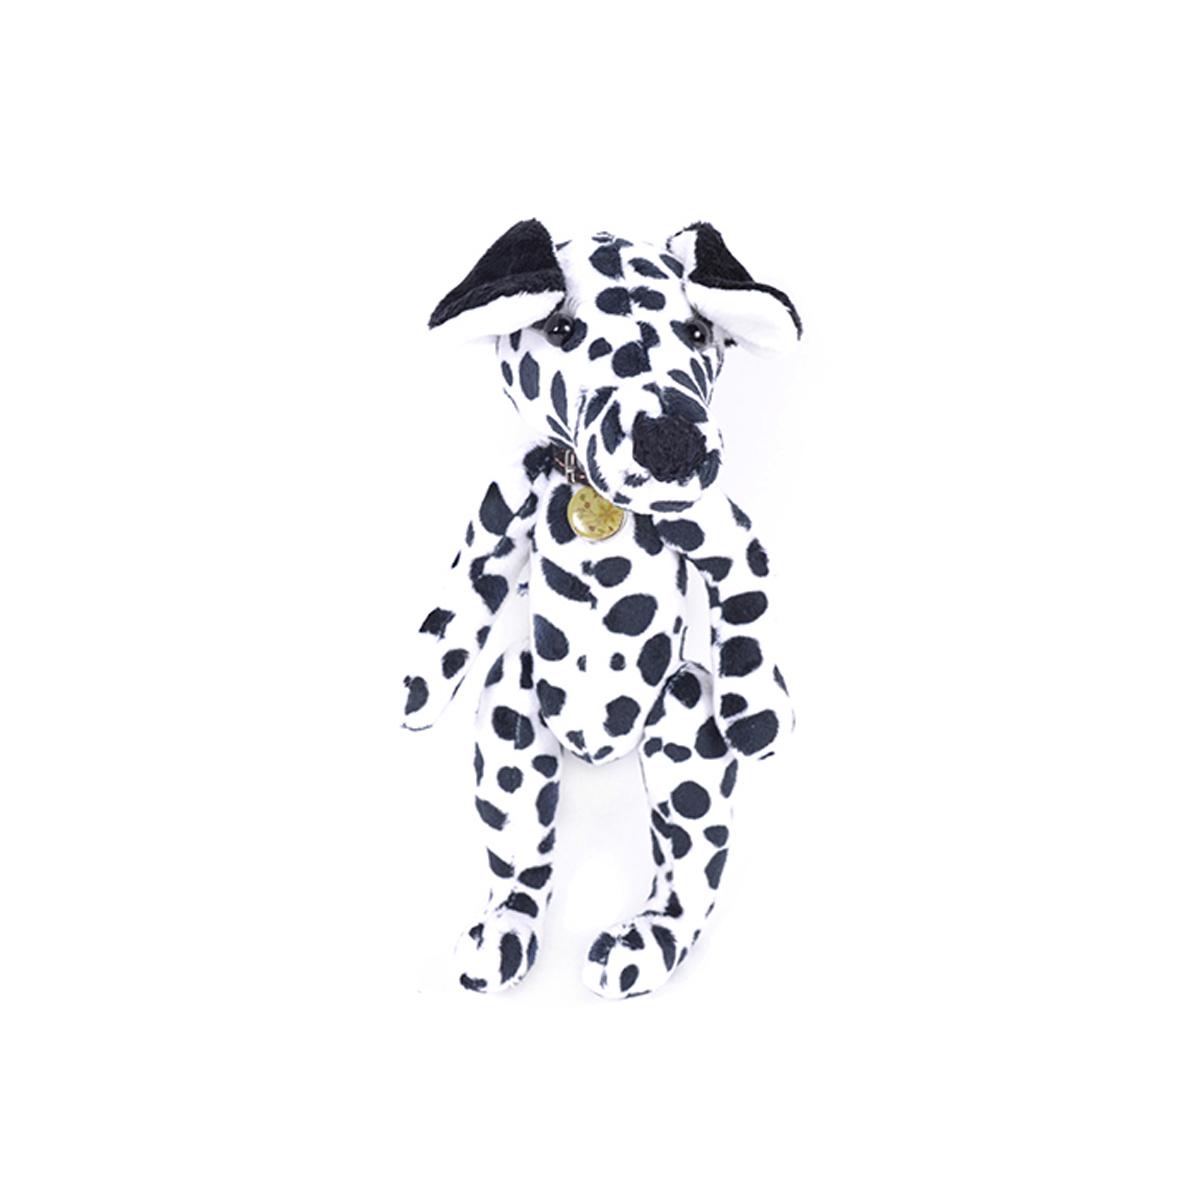 Набор для шитья игрушек Мехомания Любознательный далматинец, 25 см. ММ-018484789Набор Мехомания содержит необходимые материалы для изготовления игрушки из меха: - материалы для шитья: мех, подвижные крепления, глазки, ресницы, шерсть для вышивки носа. Ткань, подвеска или кружево для аксессуара. - выкройка и раскладка. - подробный мастер-класс с пошаговой инструкцией по шитью игрушки. - выкройка и мастер-класс для аксессуаров. Дополнительно потребуется: наполнитель, нитки, иголка.